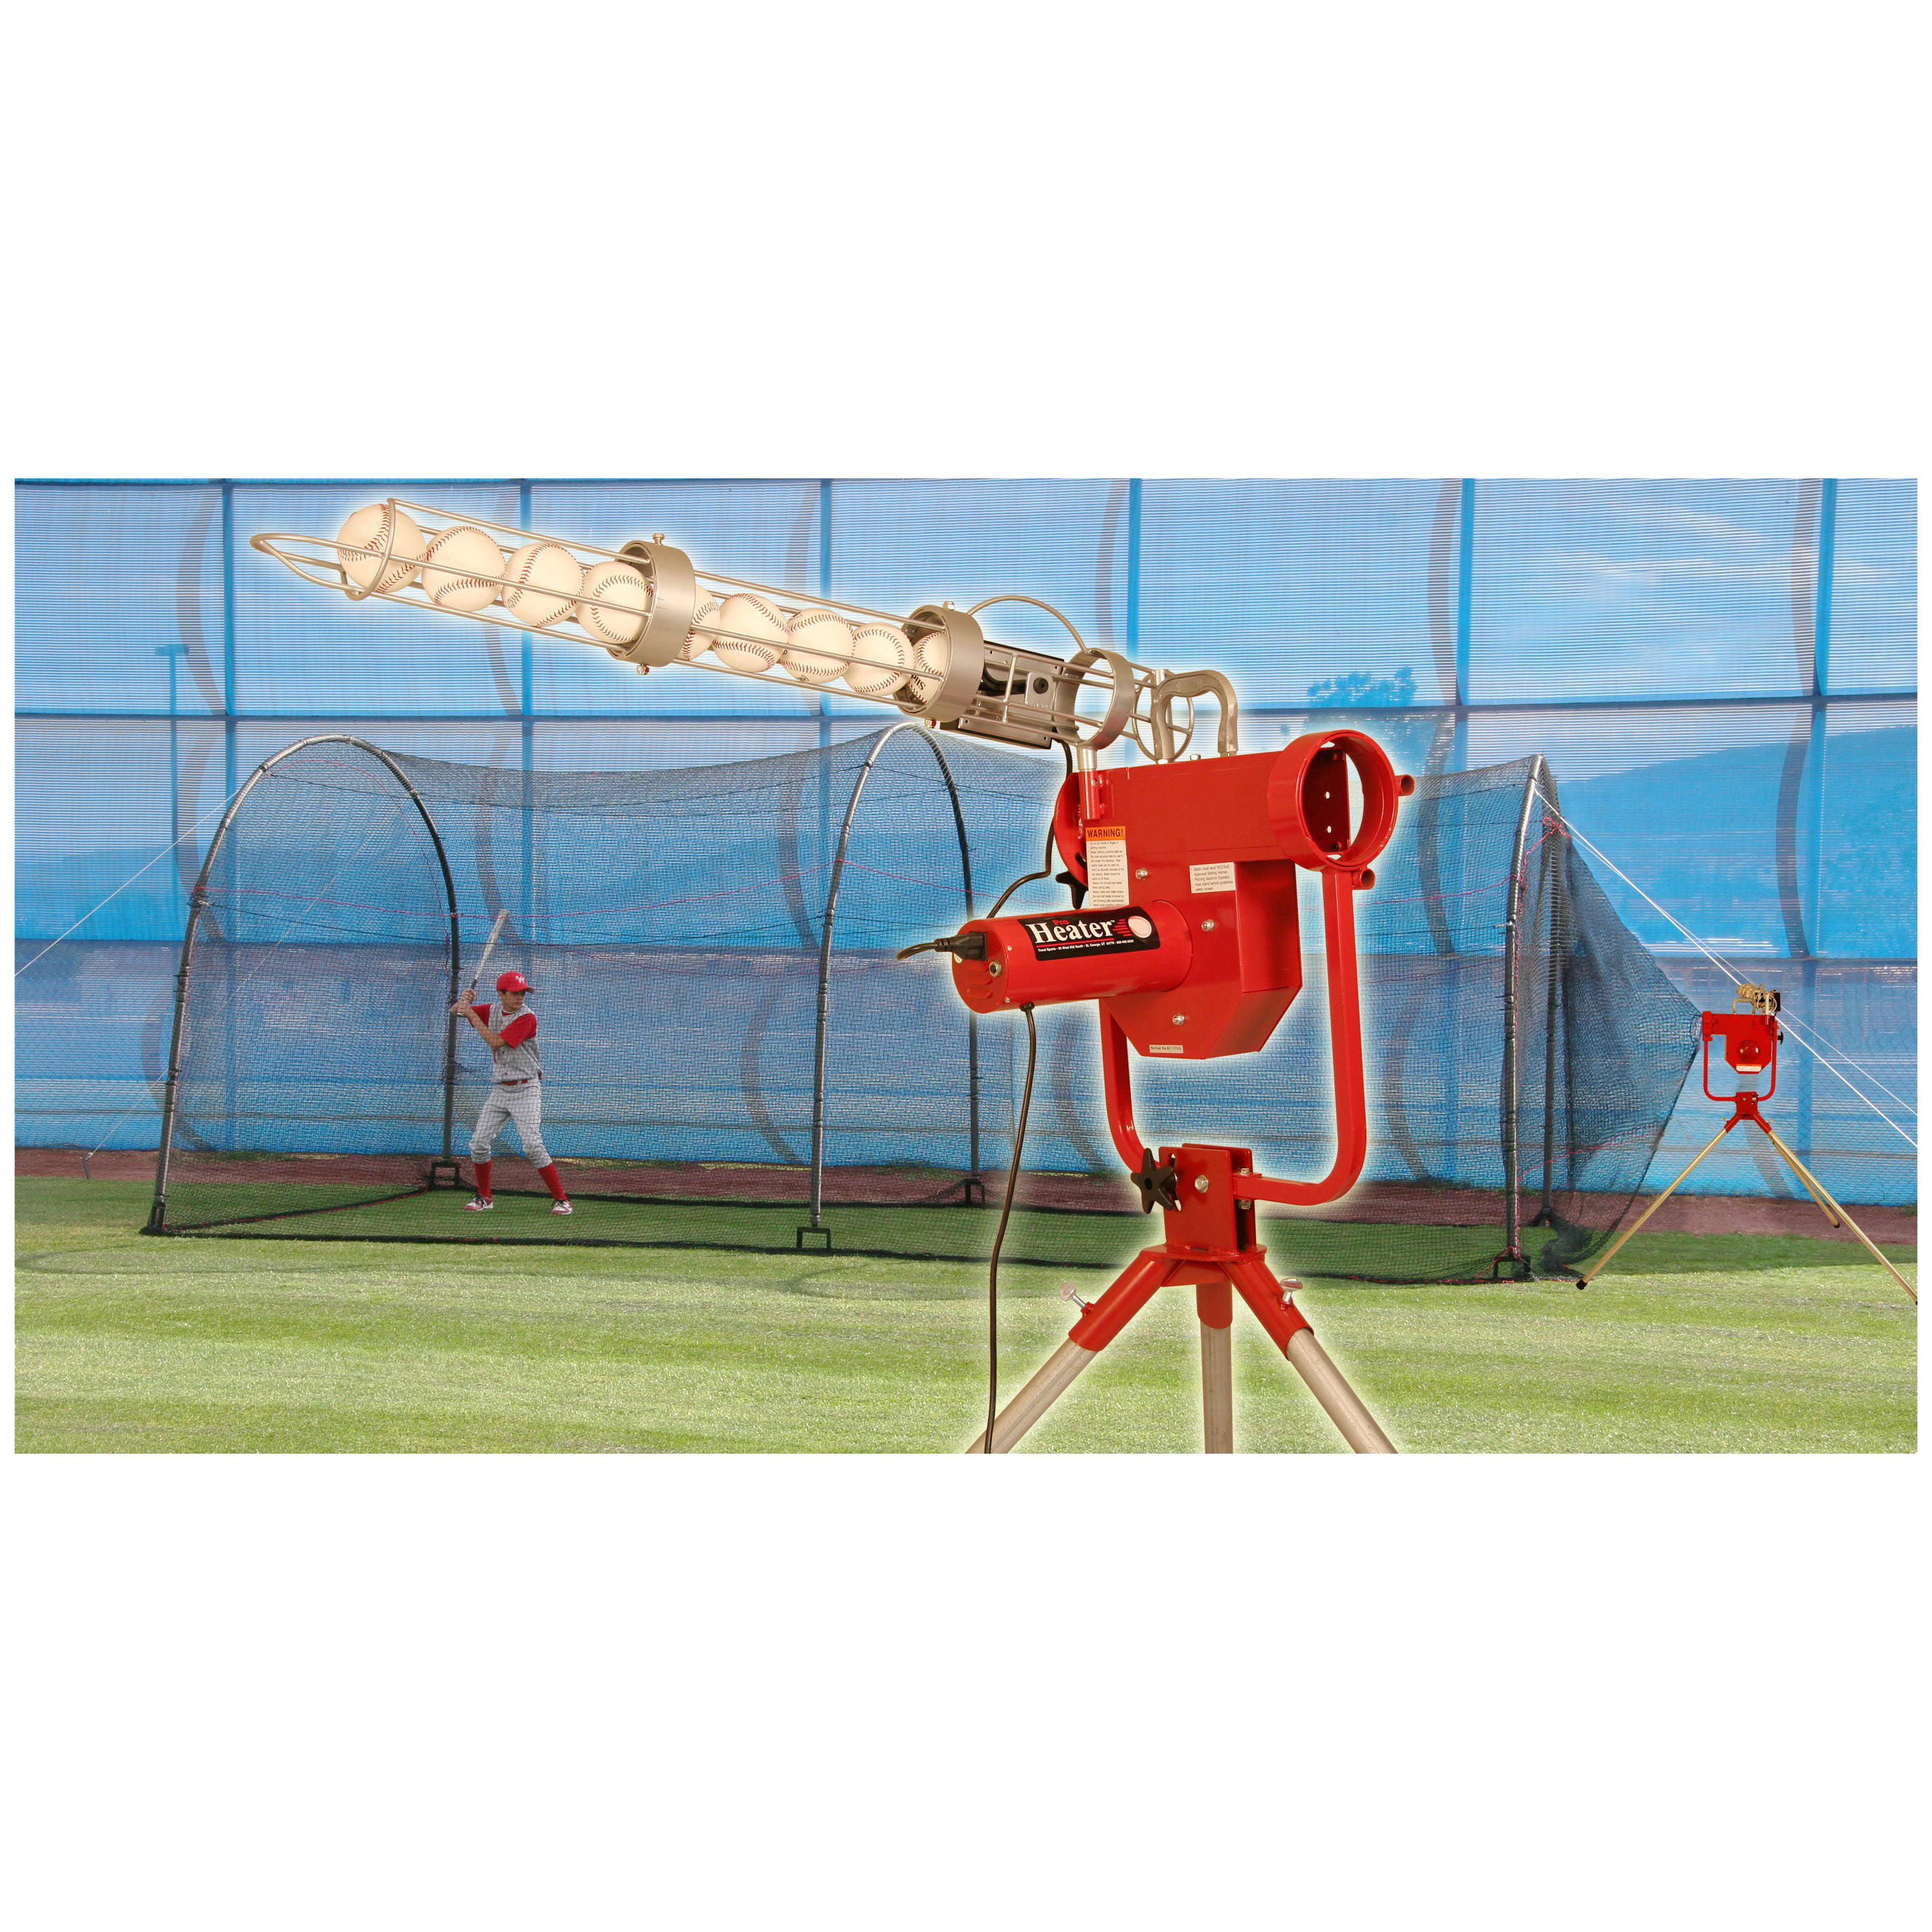 Heater Sports 24 ft. Pro Pitching Machine ; Xtender Batti...